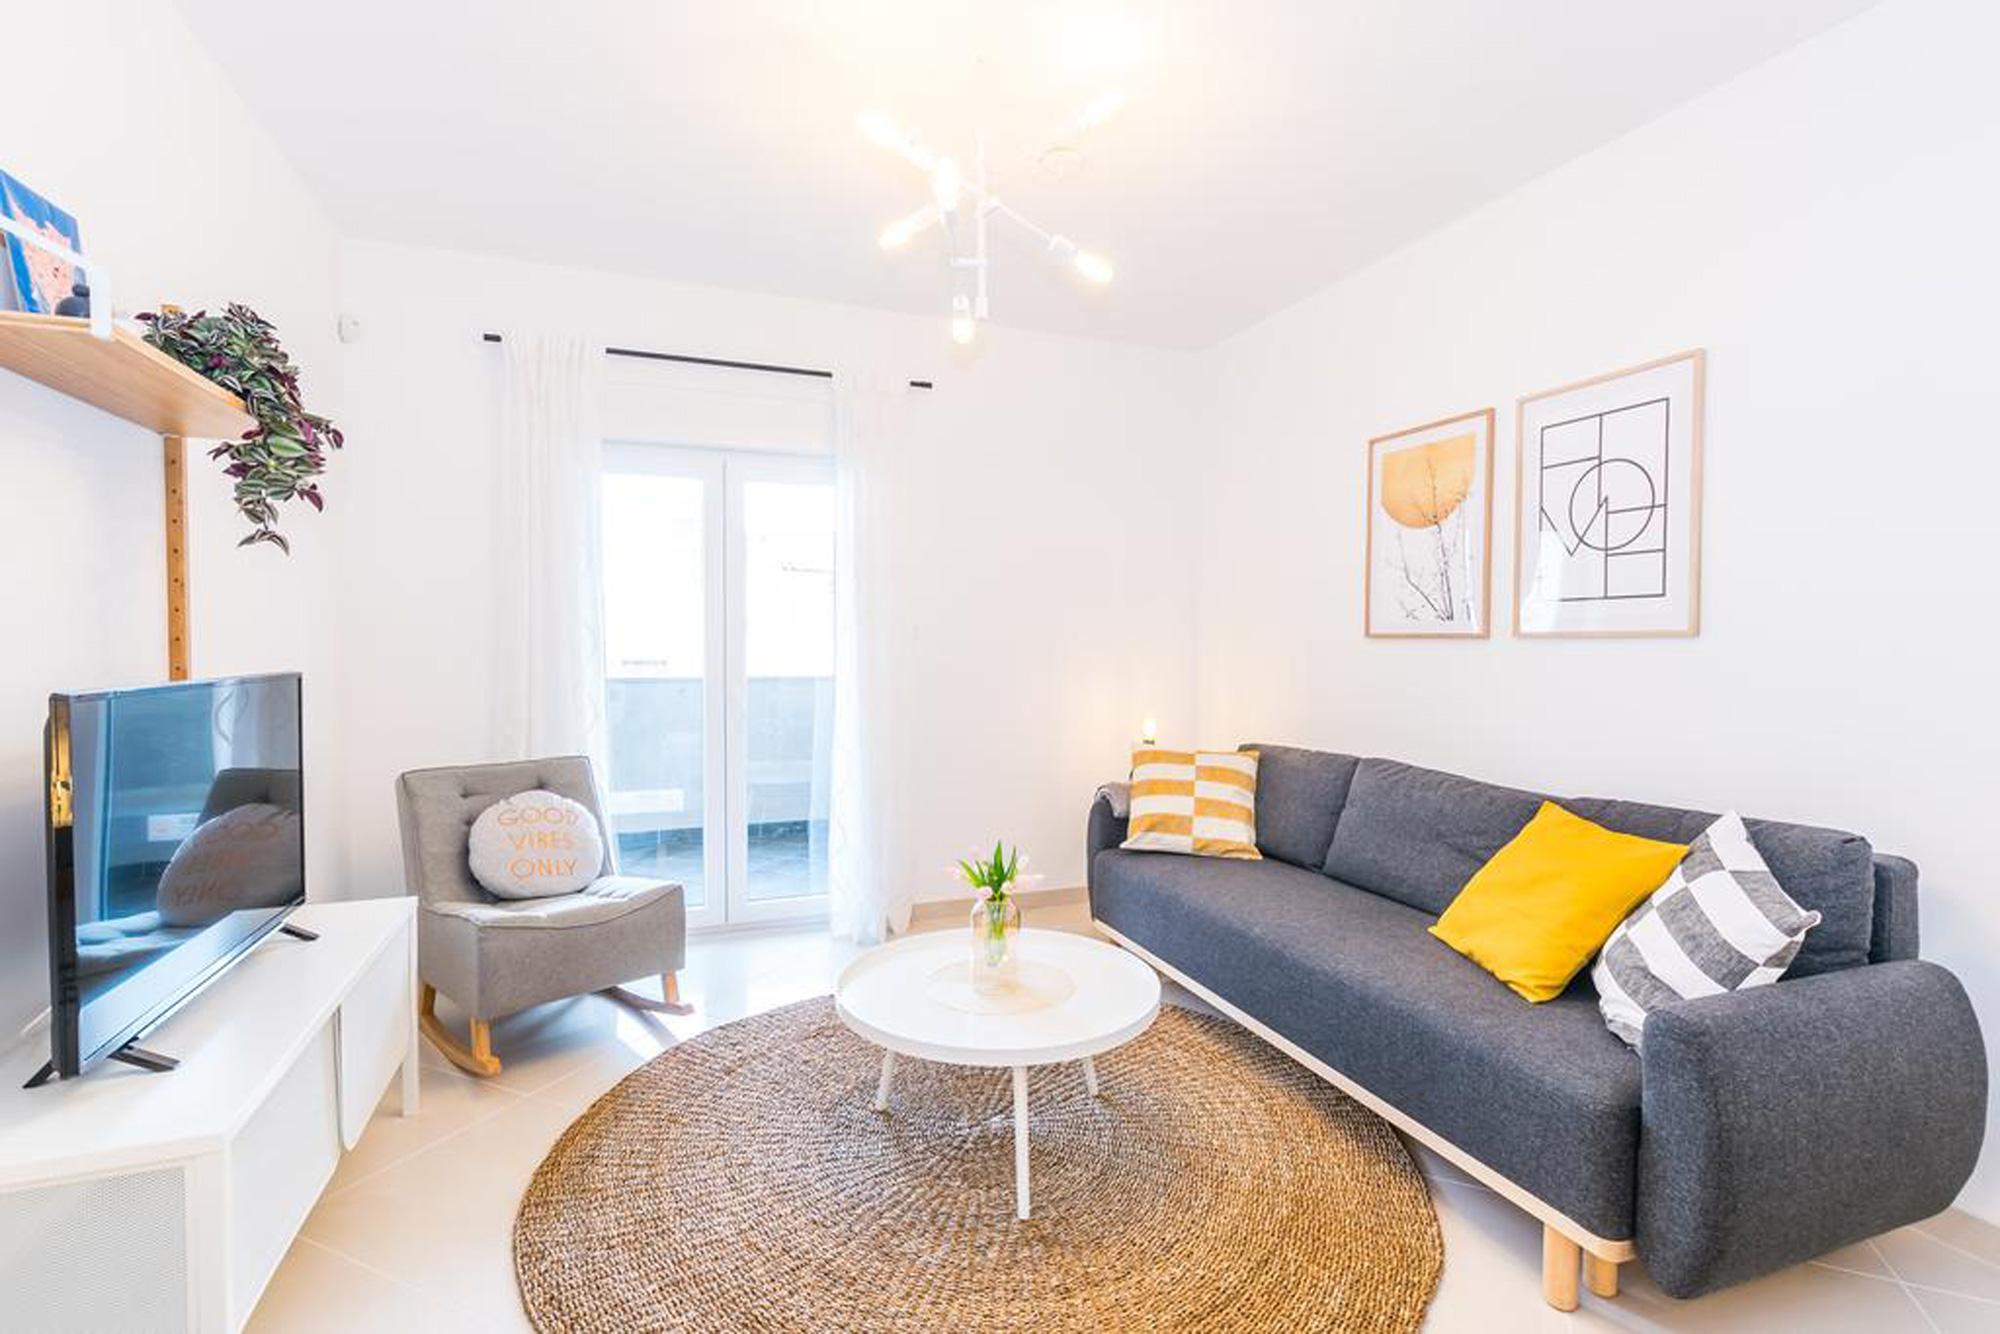 16 malih promjena u dizajnu interijera apartmana koje mogu značiti veliku razliku u broju rezervacija